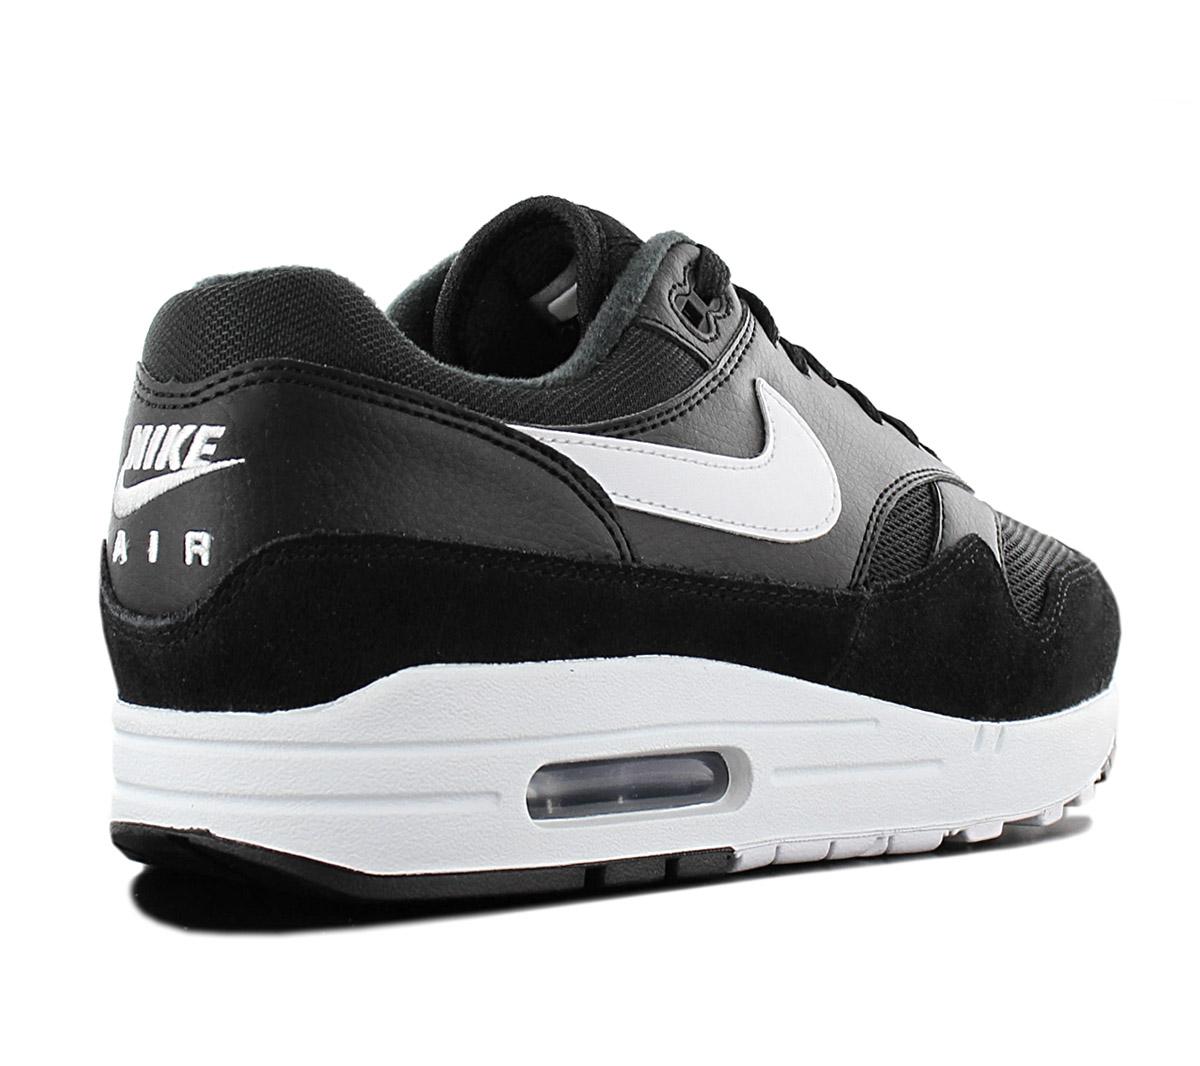 Nike Air Max 1 Herren Sneaker AH8145 014 Schwarz Schuhe